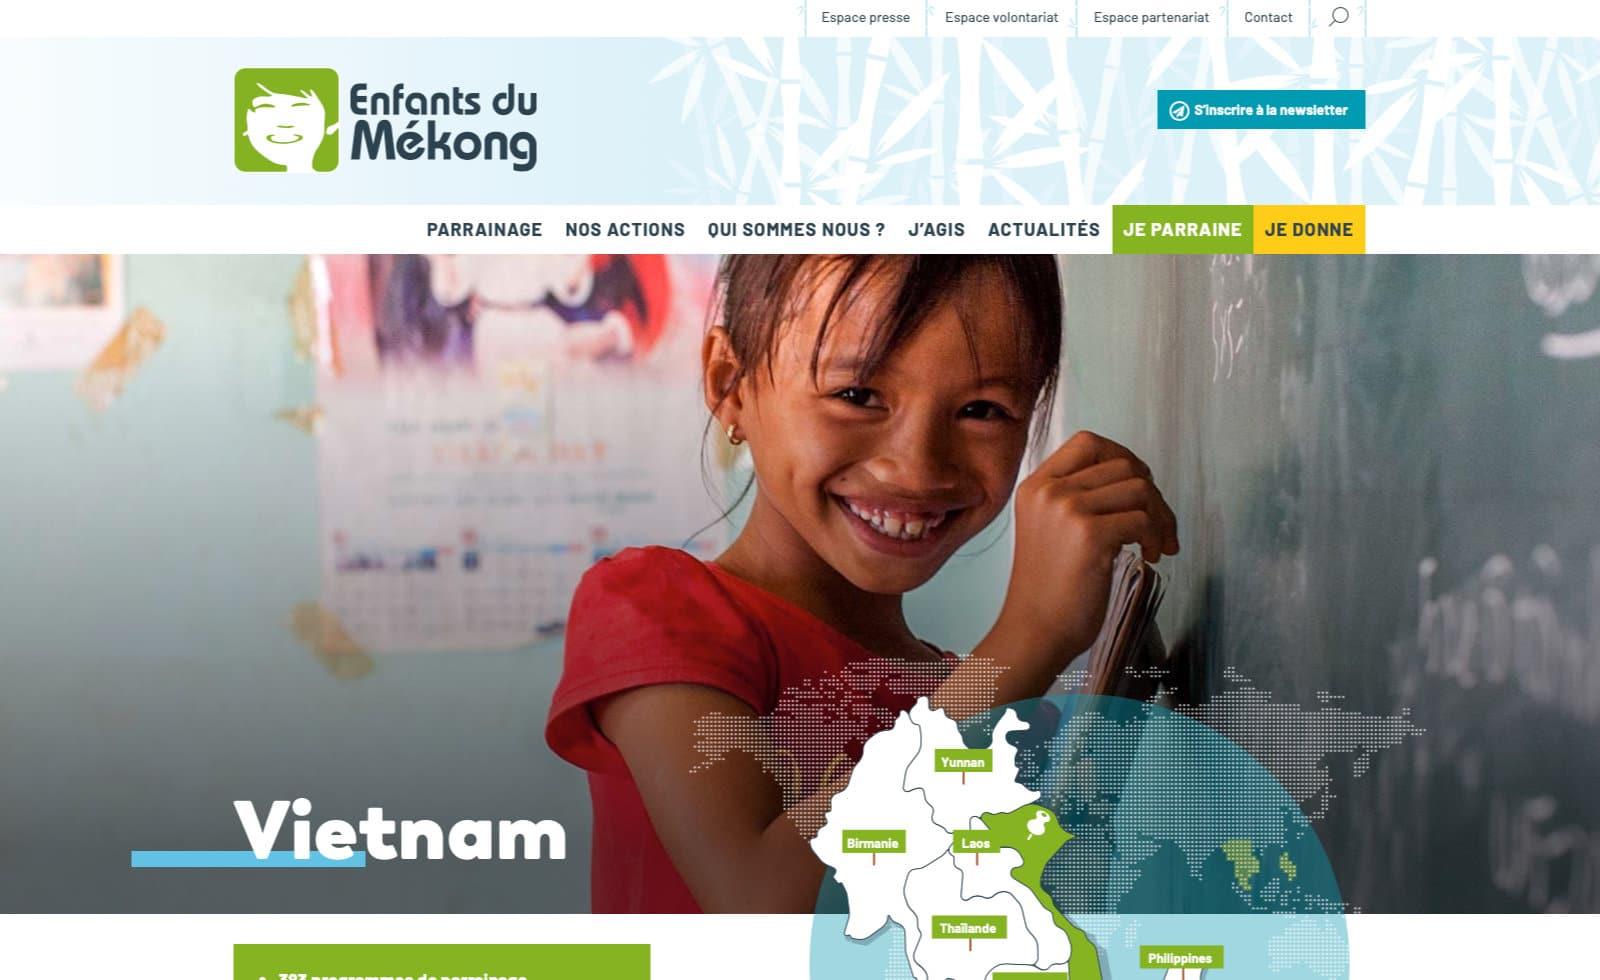 enfants du mekong pays